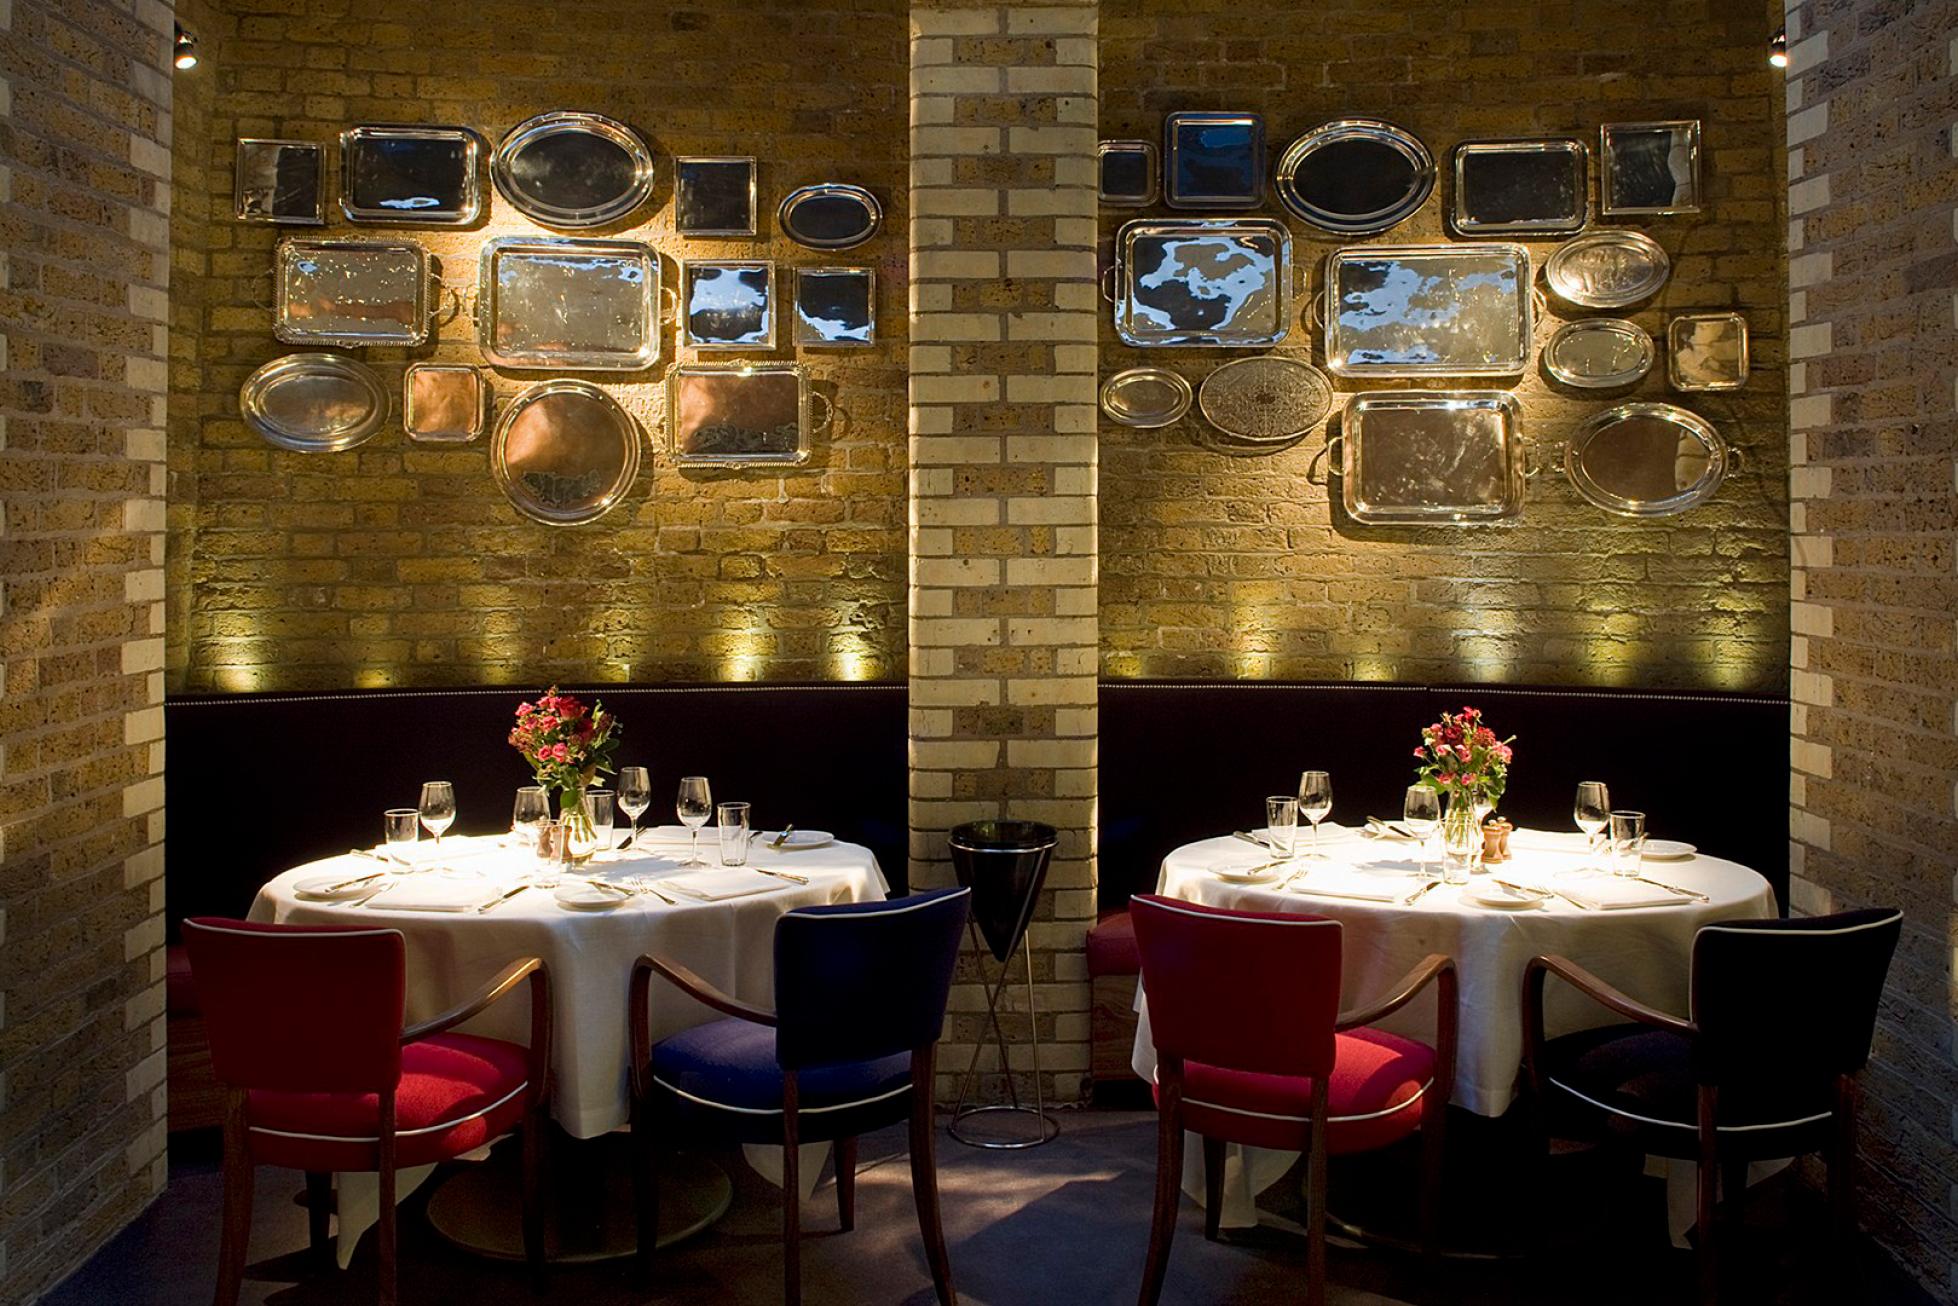 The Boundary Restaurant